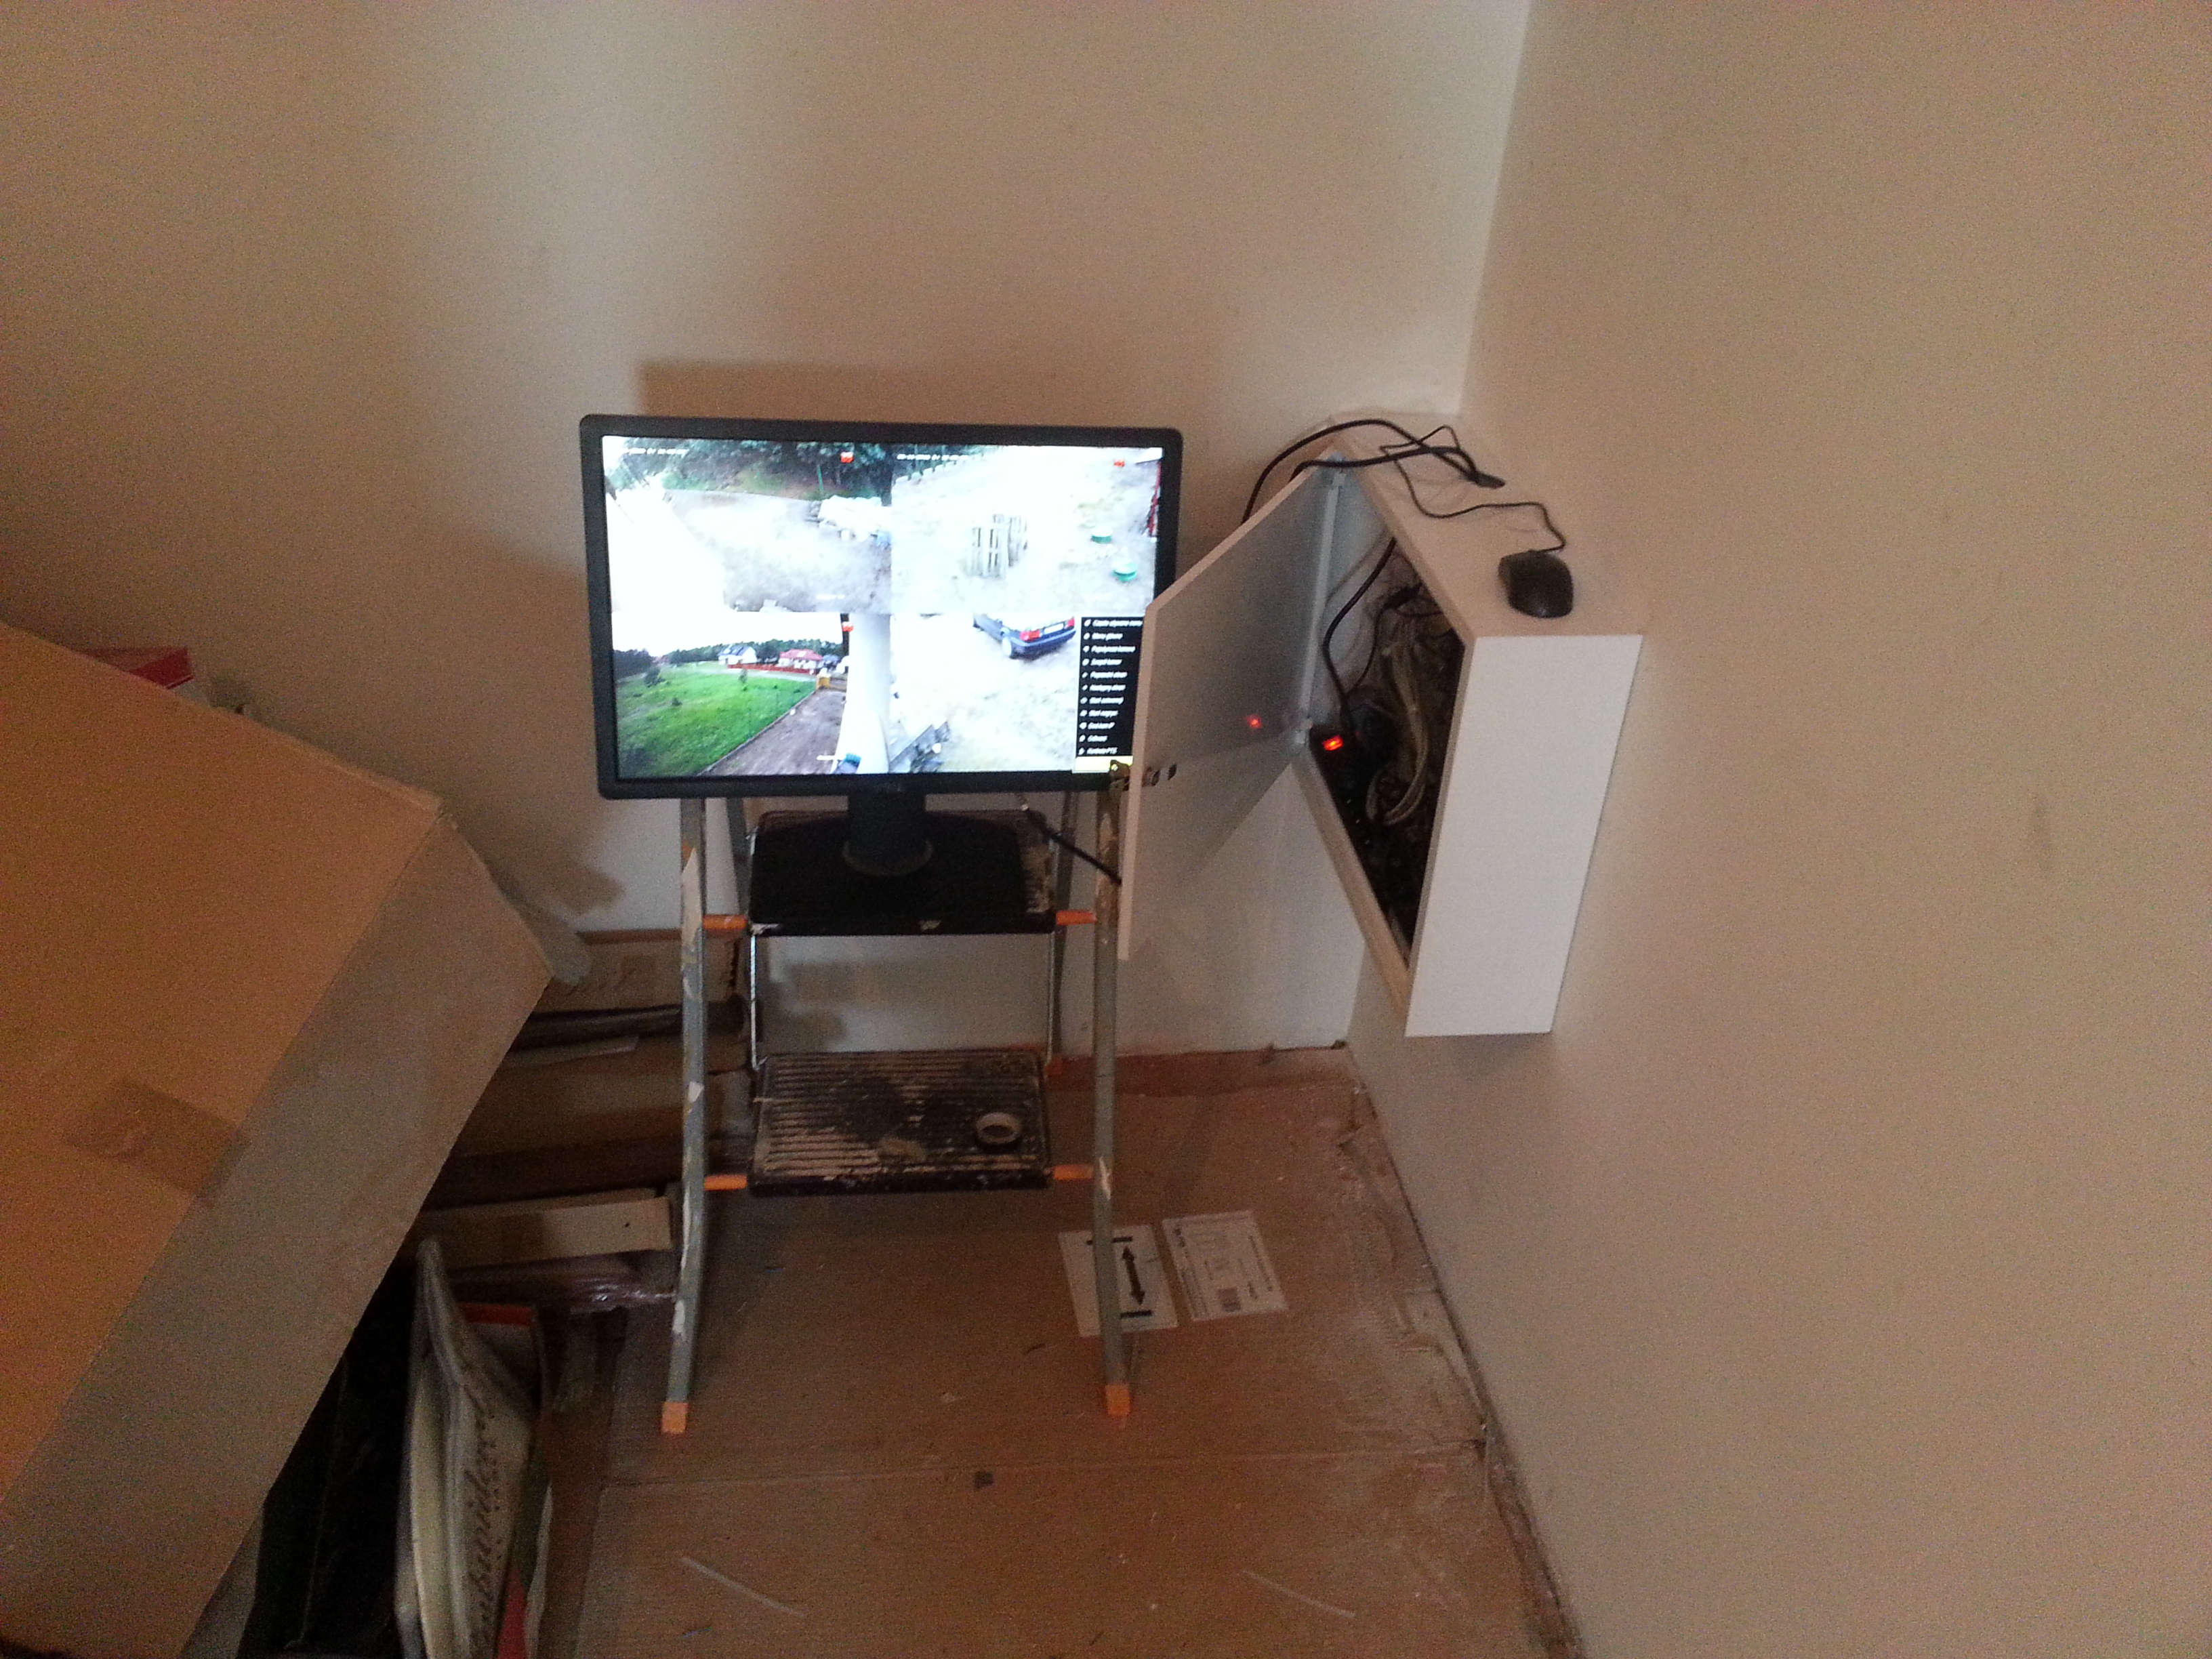 bezpieczeństwo i komfort, infomech, telefon 660 509 155, ulica okulickiego95, 37-450 stalowa wola, Oferujemy projekty, dostawa i wykonanie instalacji alarmowych (SSWiN),instalacja monitoringu wizyjnego ( telewizja przemysłowa CCTV analogowa oraz IP) w mieszkaniach, domach, firmach, zabezpieczamy place budowy. Systemy zabezpieczeń wykonujemy w technologii przewodowej(standardowej) i bezprzewodowej (bez potrzeby kucia ścian, układania przewodów). Zapewniamy serwis gwarancyjny i pogwarancyjny wykonanych przez nas instalacji,a także serwis instalacji innych firm. Dla stałych klientów przy zamówieniu instalacji proponujemy dodatkowe rabaty. W przypadku systemów alarmowych preferujemy systemy renomowanej, polskiej firmy SATEL,ale instalujemy również alarmy innych firm, takich jak DSC, RISCO, VISONICi inne. Telewizję przemysłową instalujemy bazując na urządzeniachfirm popularnych takich jak HIKVISION, BCS, NOVUS, APER, INTROX,K2, BOSCH ,SAMSUNG, SONY. Wykonujemy także Instalacje Elektryczne – tradycyjne atakże Inteligentne Instalacje elektryczne. Posiadamy Uprawnienia SEP Zapraszamy do zapoznania się z nasząpełną ofertą wzakładce Nasze usługi. Obszar działania naszej firmy obejmuje woj. podkarpackie, lubalskie, świętokrzyskie . Wykonujemy również prace na terenie całej Polski. Wystawiamy Faktury VAT. Osoby zainteresowane naszymi usługami serdecznie zapraszamydo współpracy. Dogodne warunki gwarancji. Baza Firm baza firm serwis alarm telewizja przemysłowa ALARM, SERWIS, montaż Systemy Alarmowe, systemy Monitorujące cctv , Instalacje Elektryczne, elektryk Instalacje Teleinformatyczne, alarmy do domu biura firmy, kamery, kamera, stalowa wola, sandomierz, tarnobrzeg , monitoring cctv rejestrator, rejestracja, rejestrowanie ,systemy sygnalizacji pożaru pożarówka ,czujnik, przeciwpożarowy, , modernizacja, monitoring sklepu, monitoring biura, zabezpieczenia, systemy zabezpieczeń, alarmowanie,powiadamianie, paradox, pyronix, bcs, rejestrator, rejestracja,nagrywanie, instalator, ins